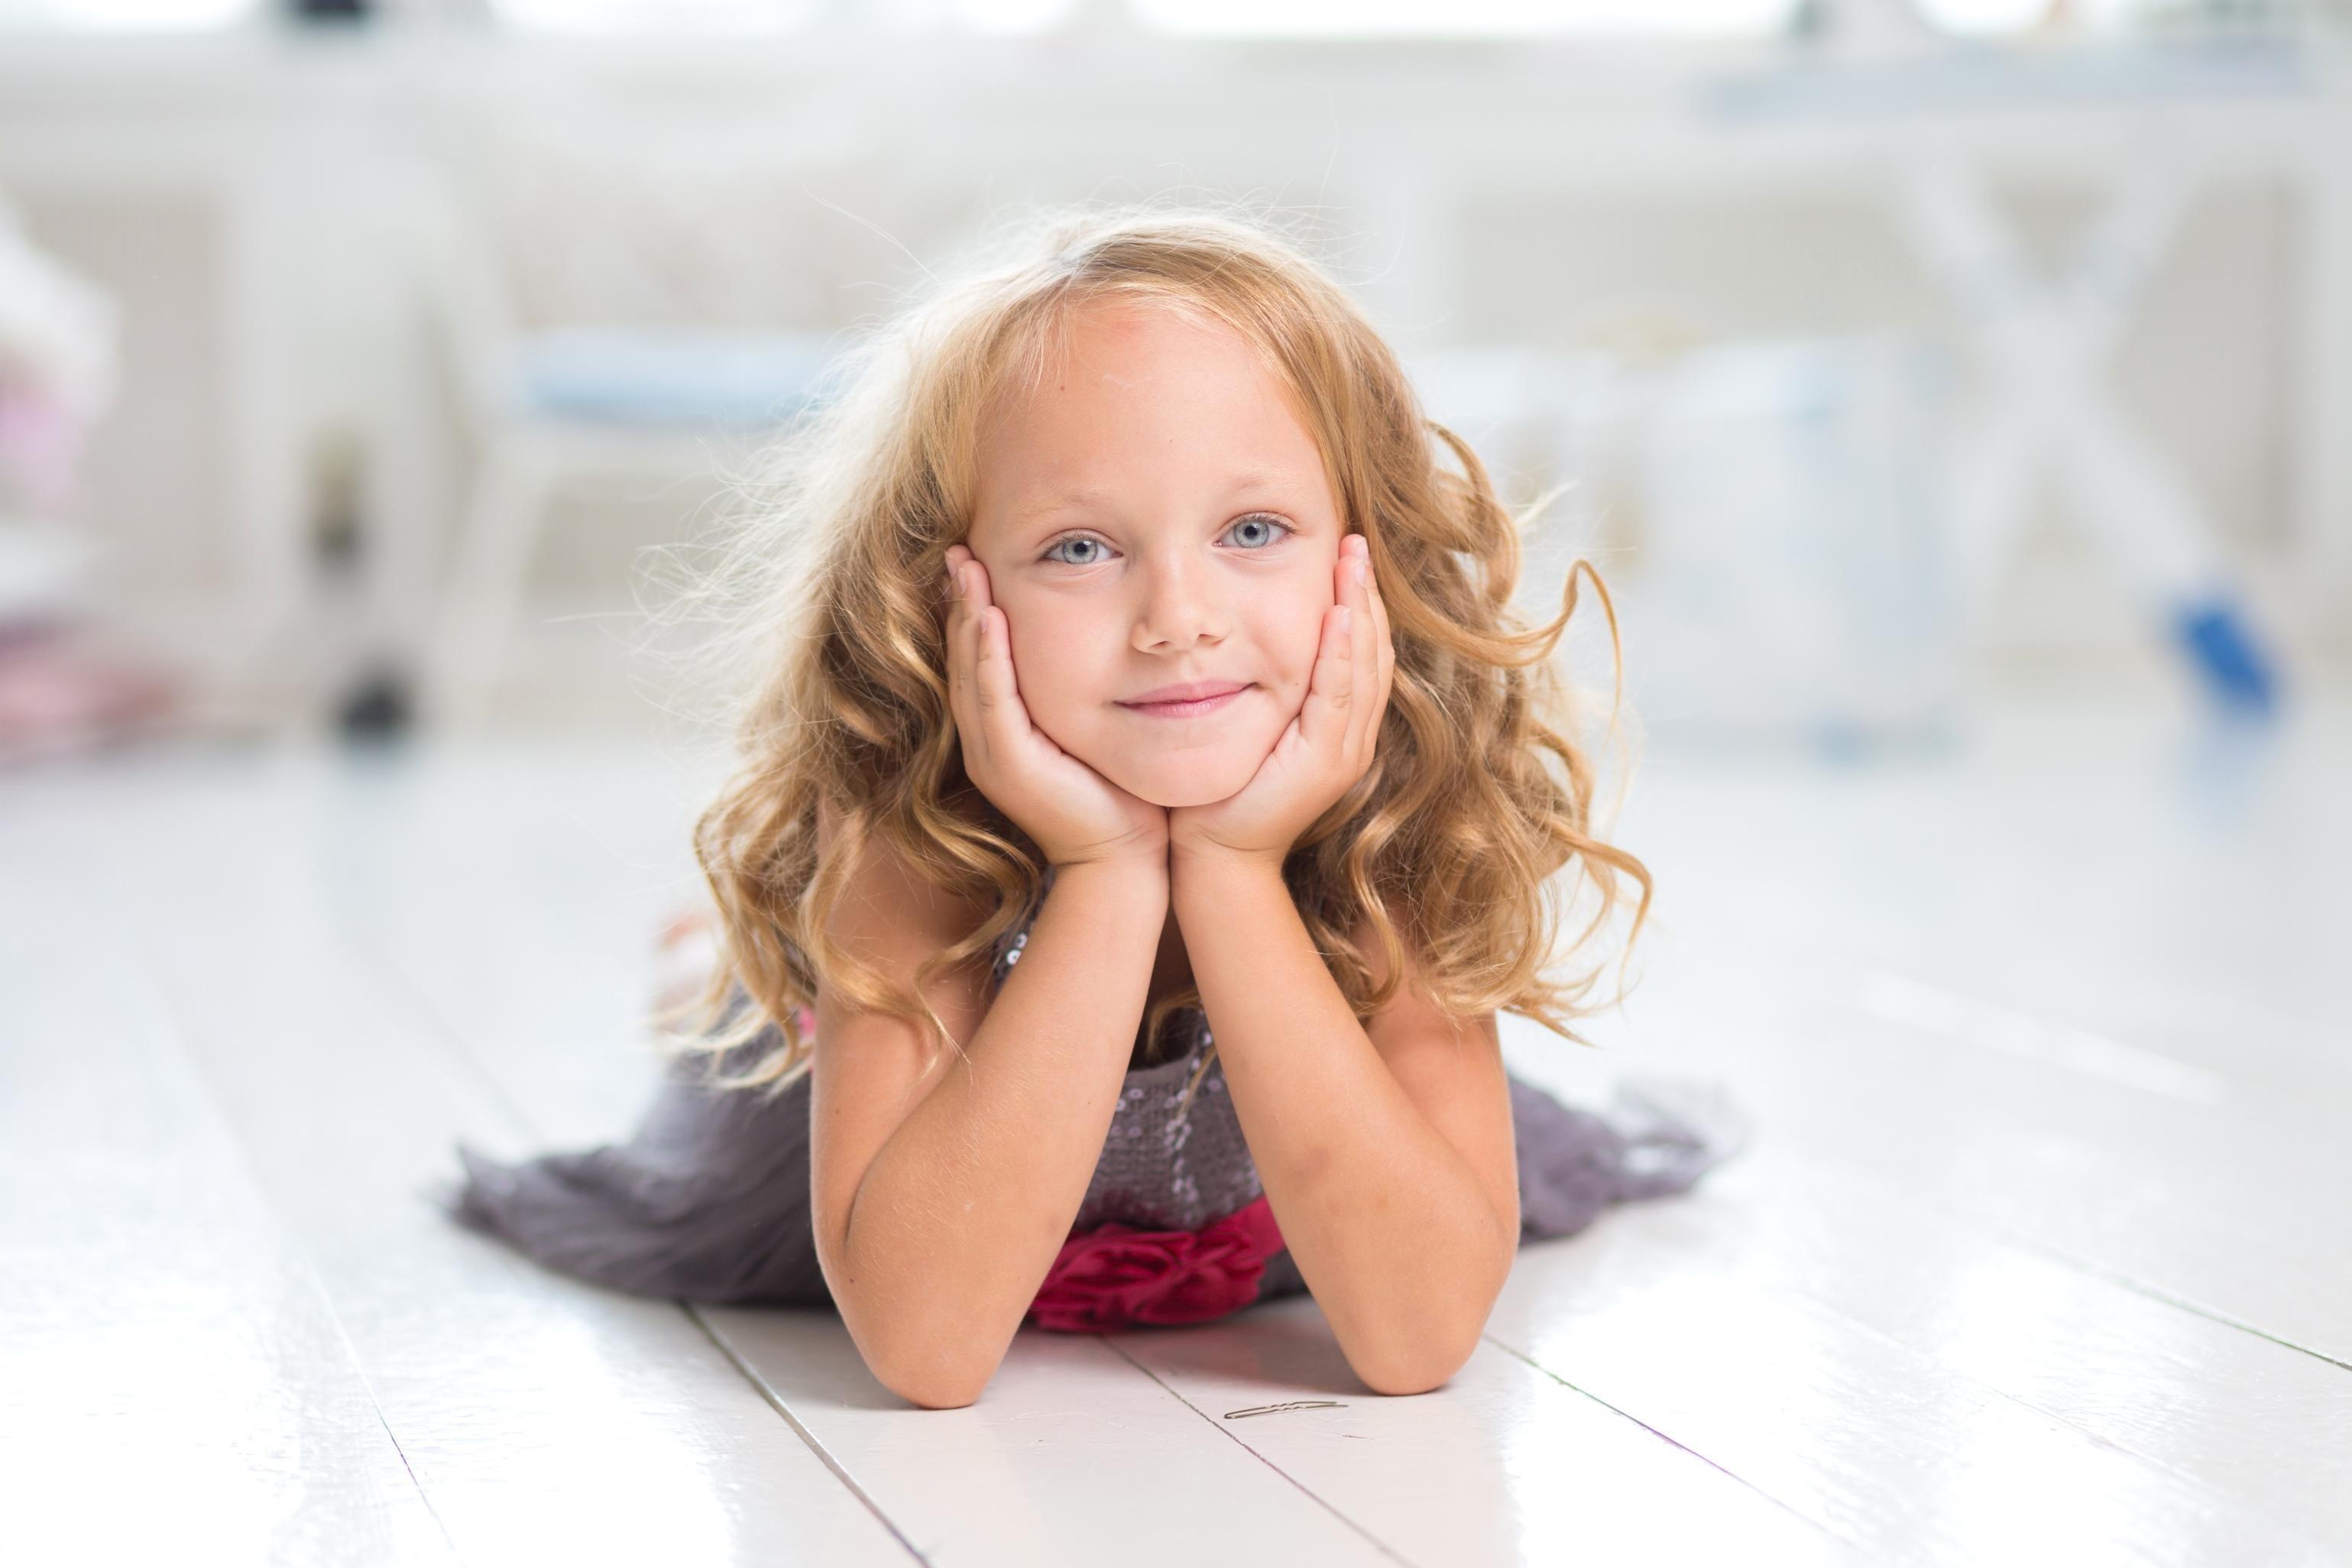 Ребенок фотографии картинки смотреть